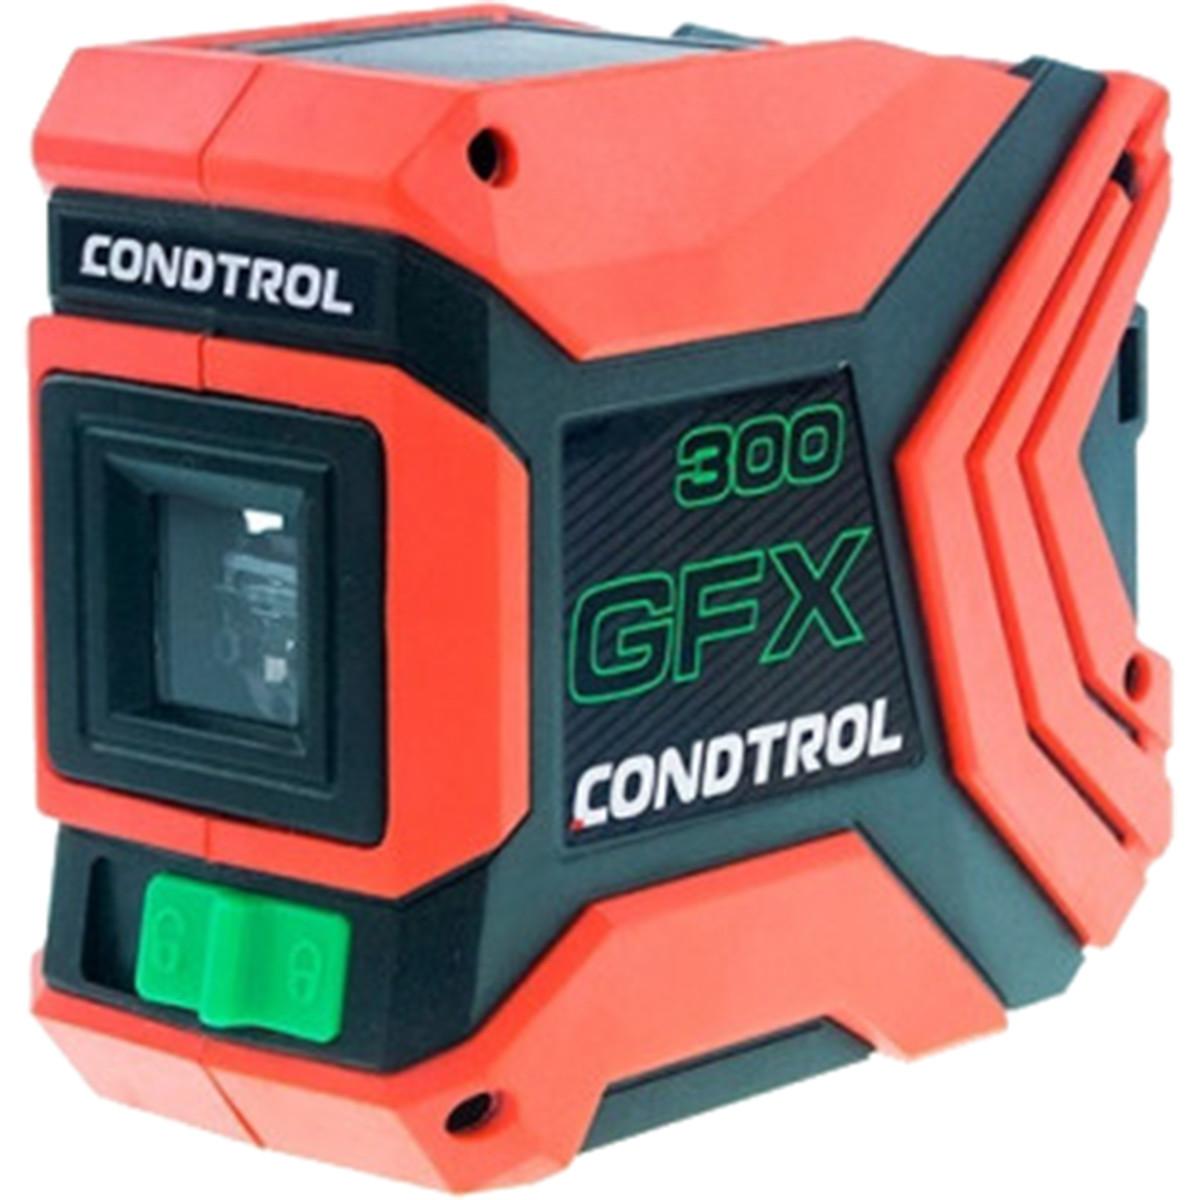 Лазерный нивелир CONDTROL GFX300 1-2-2120